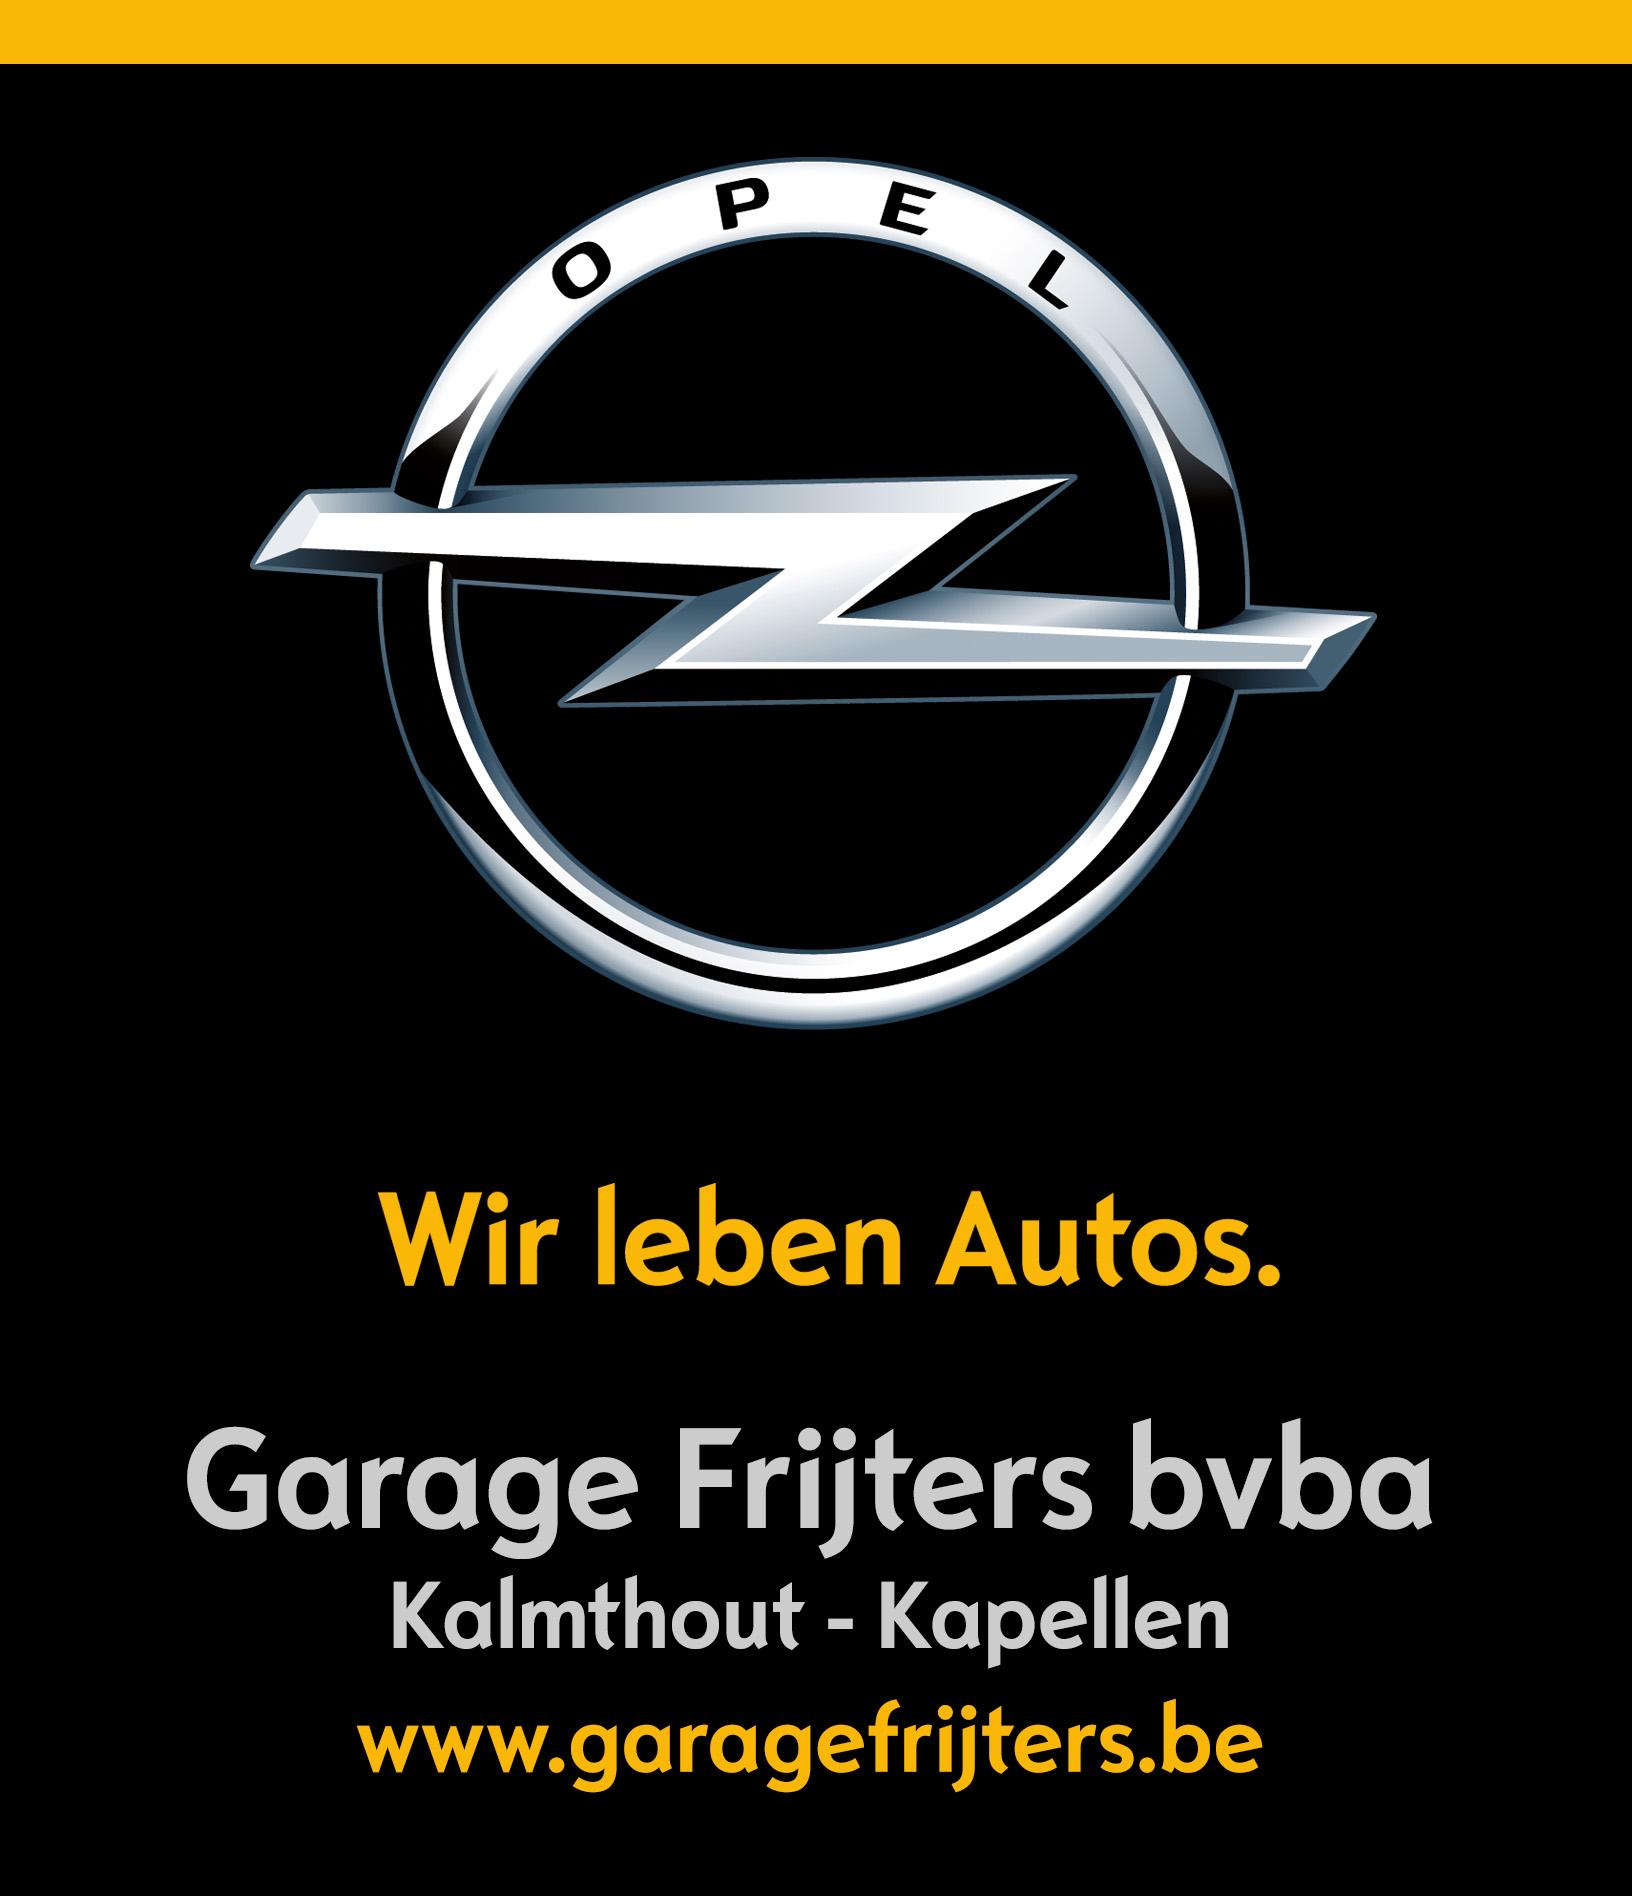 Garage Frijters